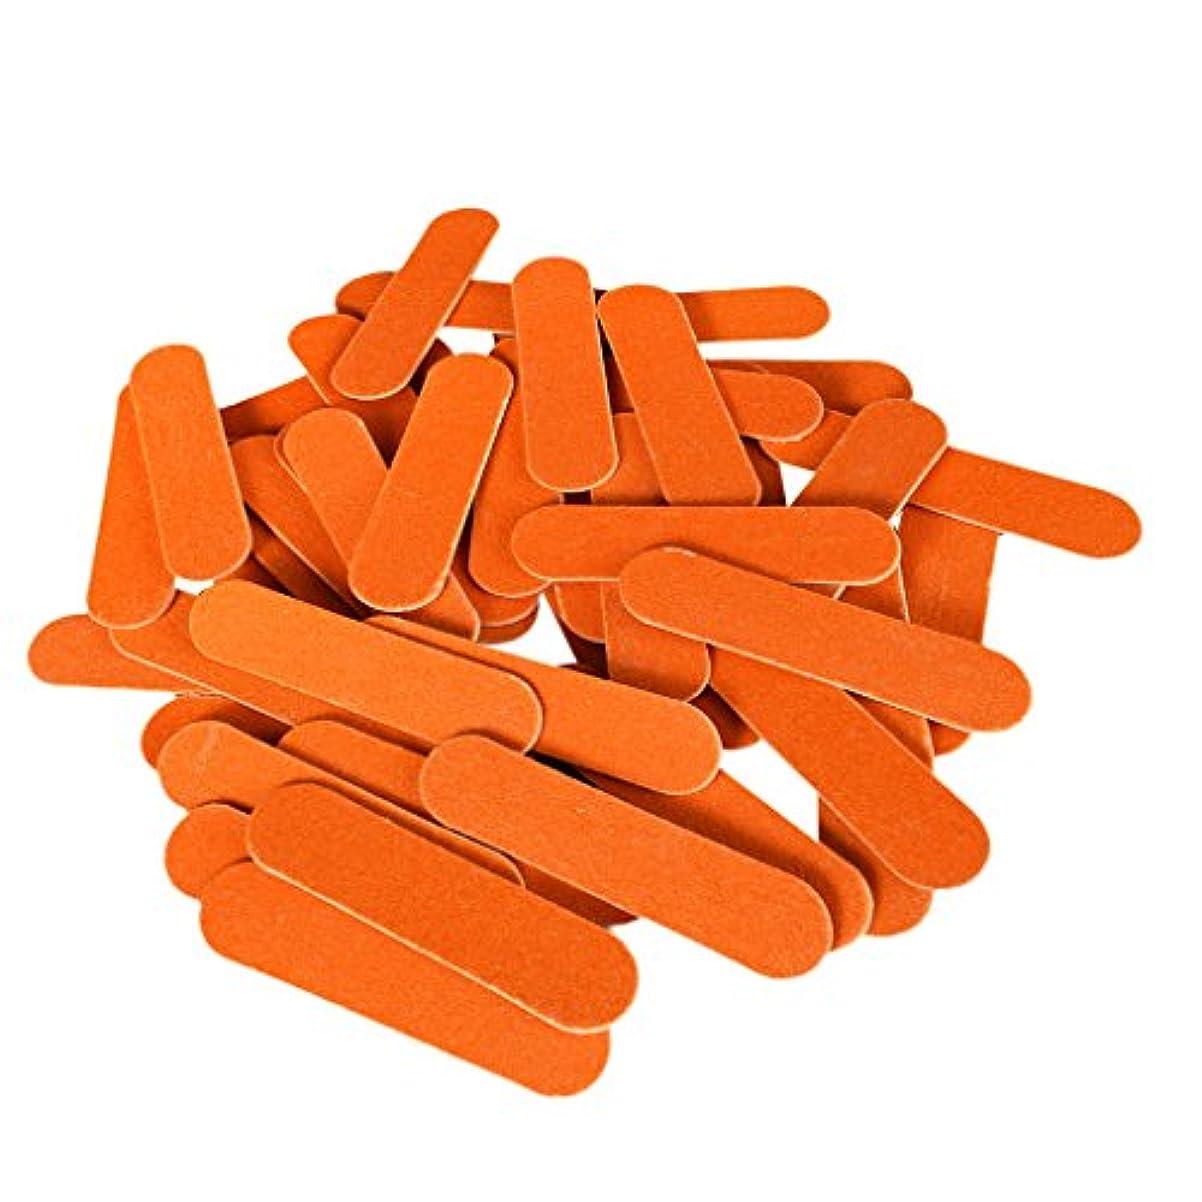 かわすリアルネスト磨かれた釘の心配のマニキュア用具をトリミングするための50の釘ファイルそして緩衝ブロック